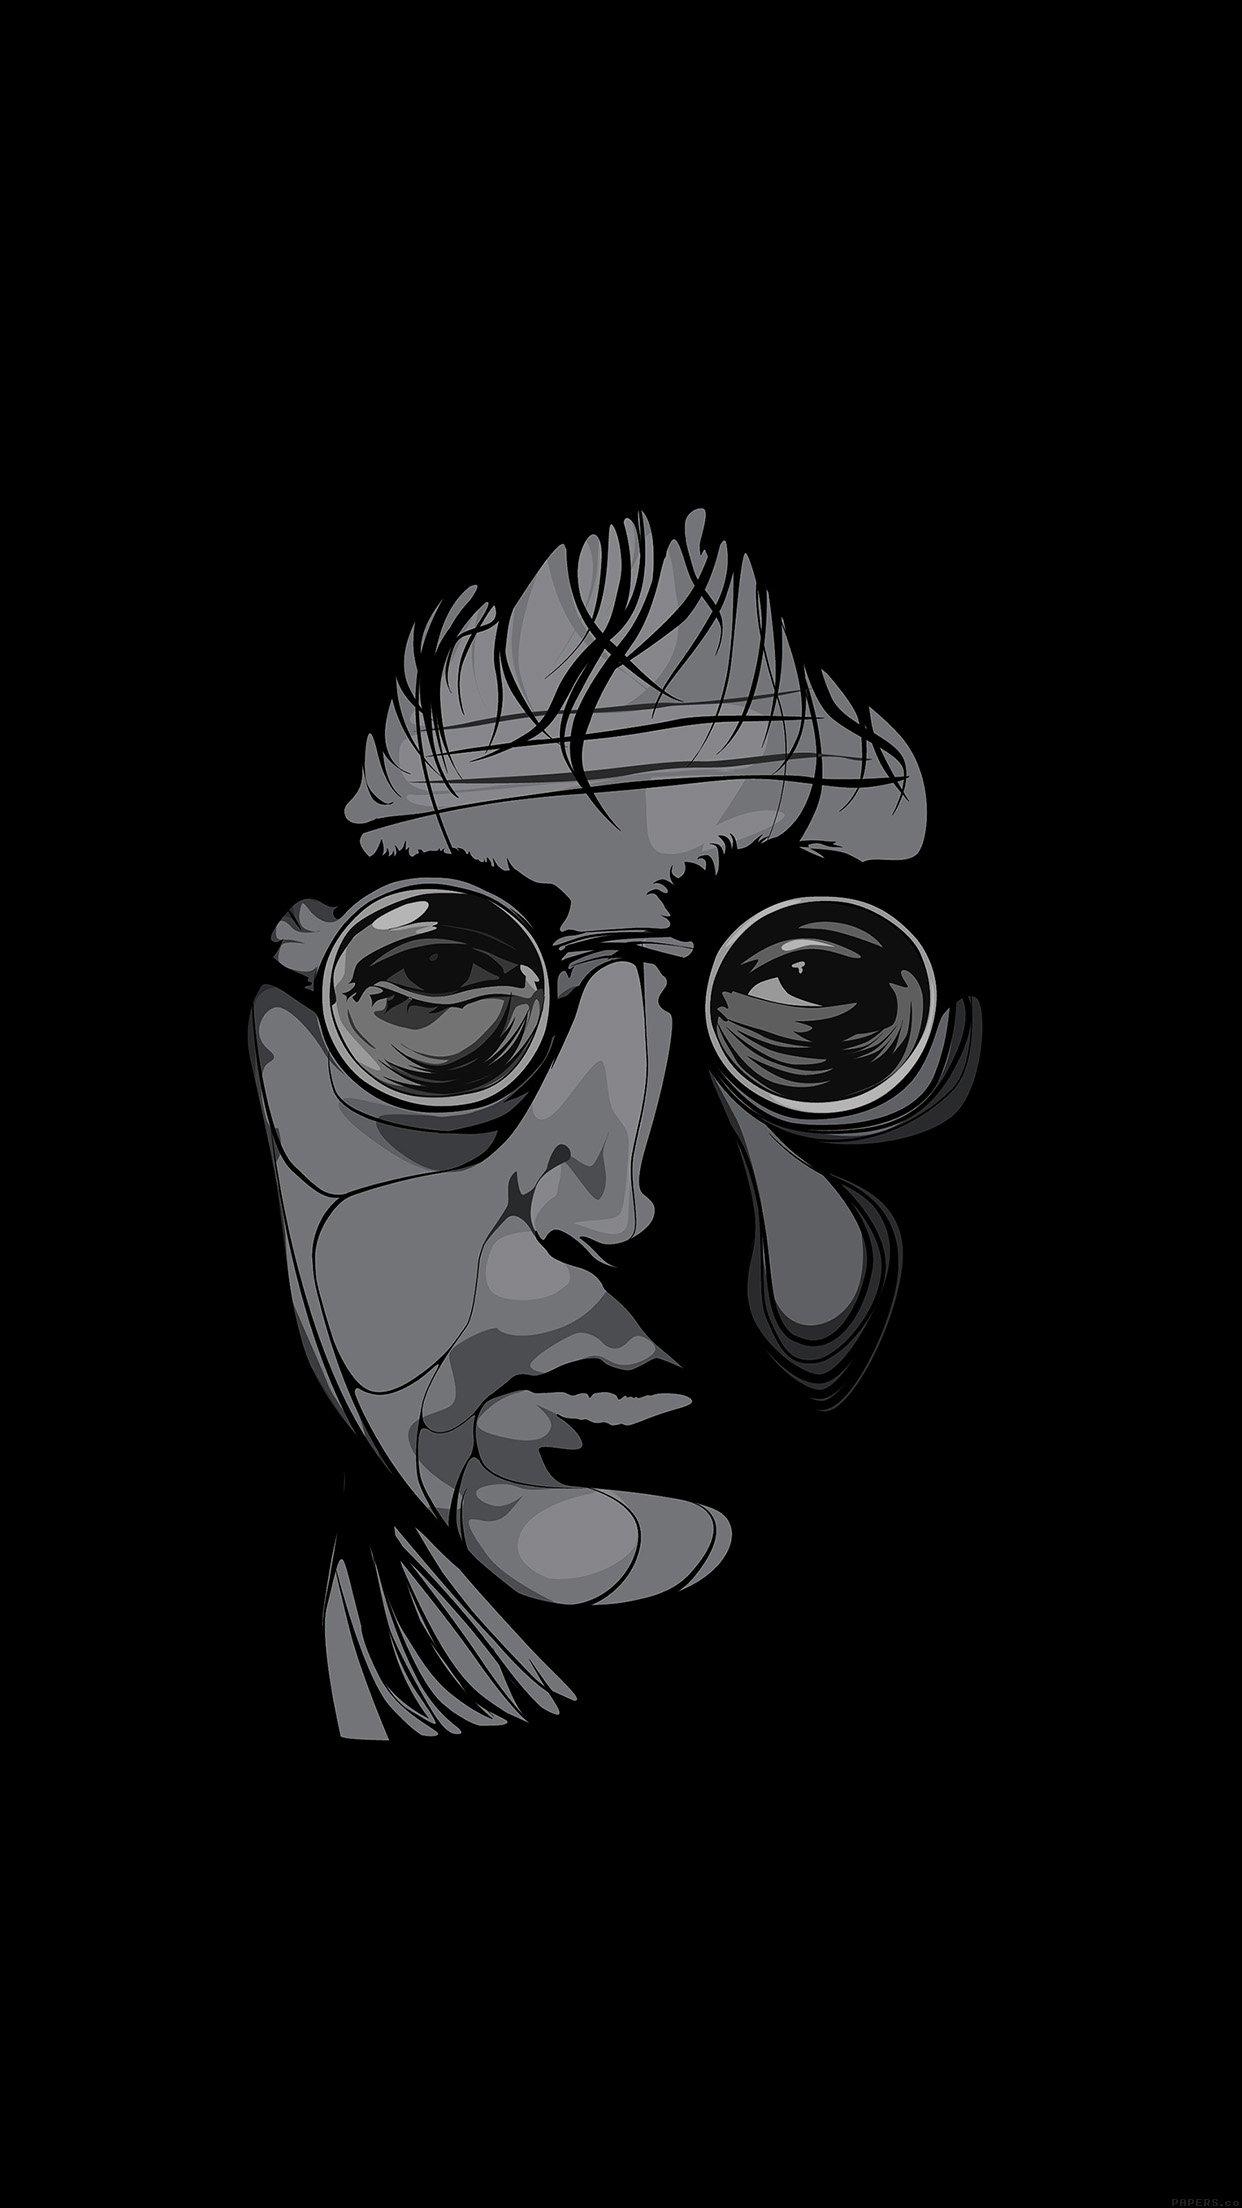 John Lennon Illust Art Music Android Wallpaper